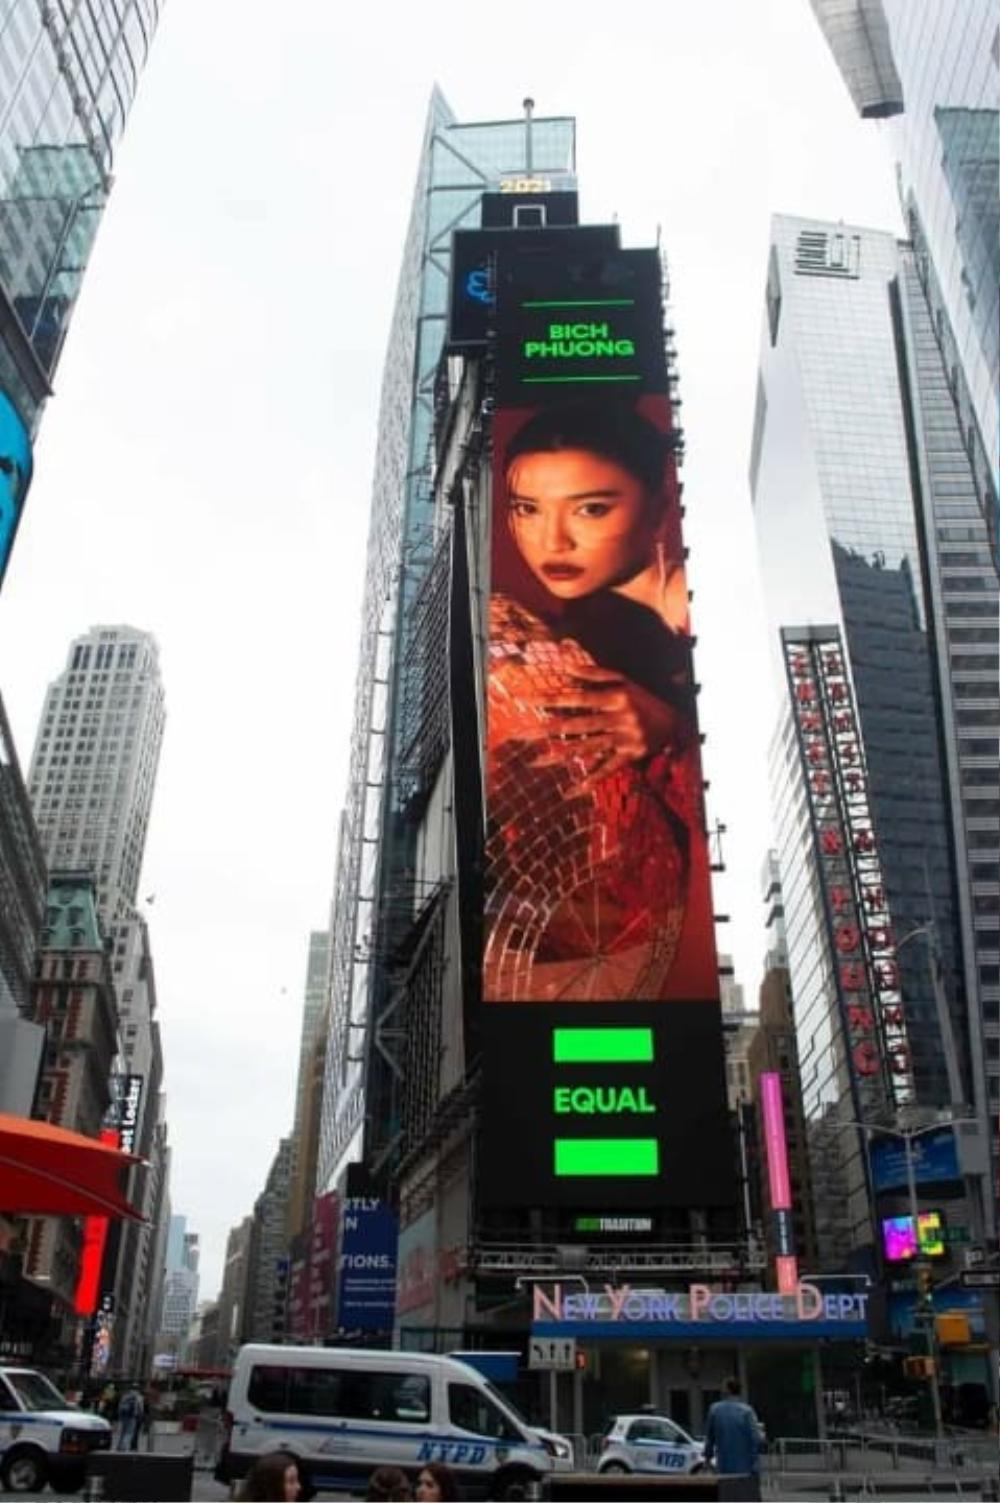 Bích Phương khiến fan tự hào khi xuất hiện trên biển quảng cáo tại Quảng trường Thời đại danh giá Ảnh 1